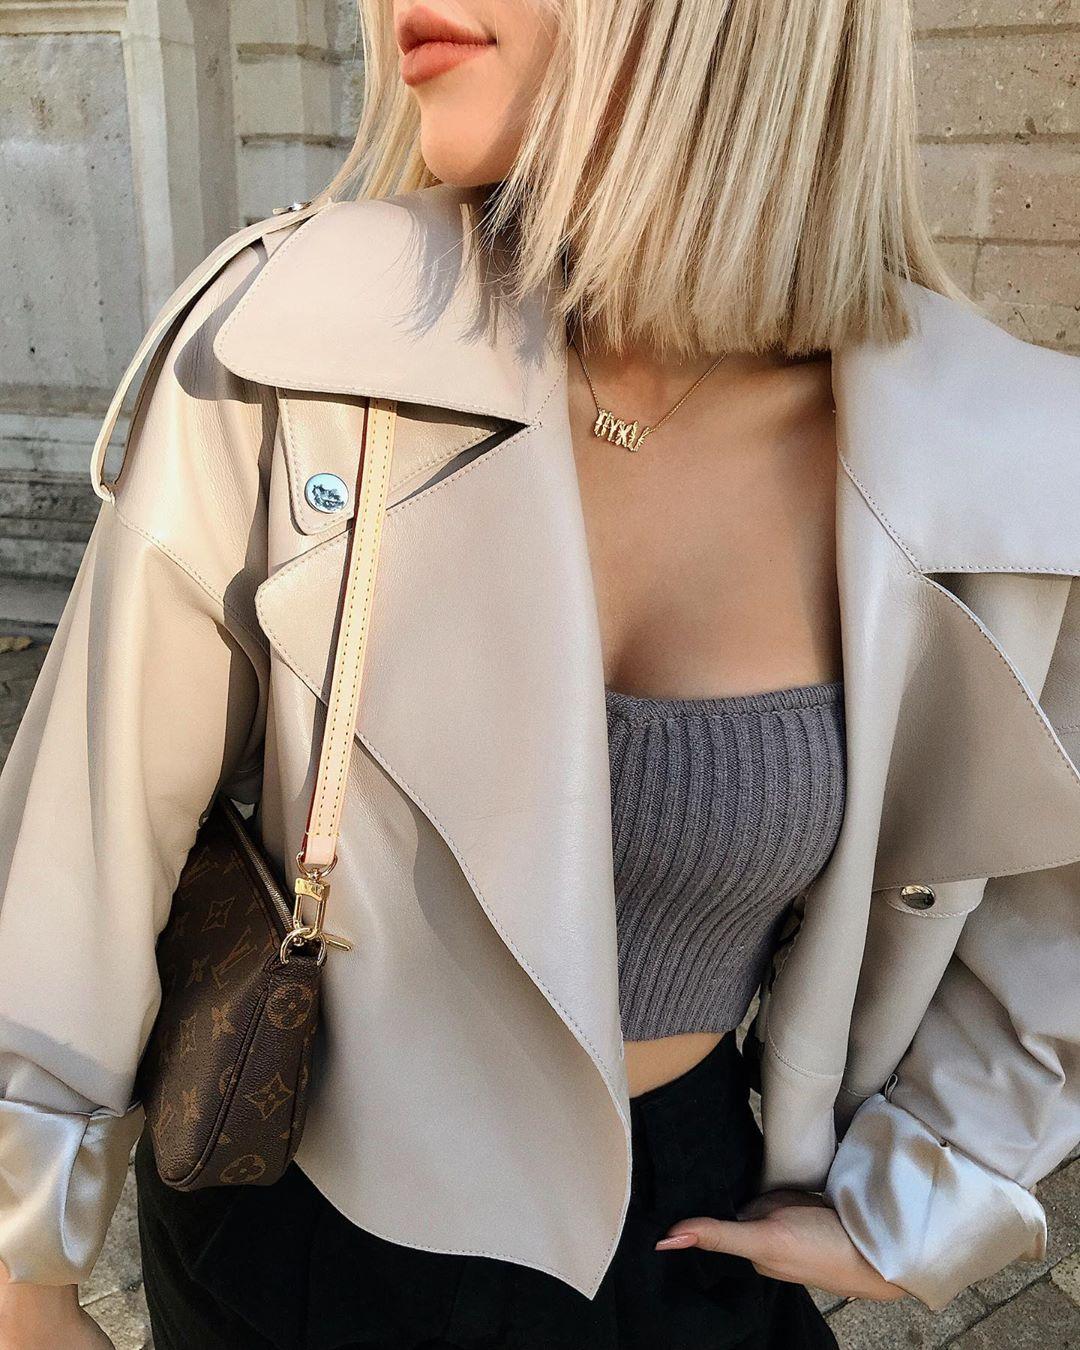 short knit top de Zara sur oykuozguler